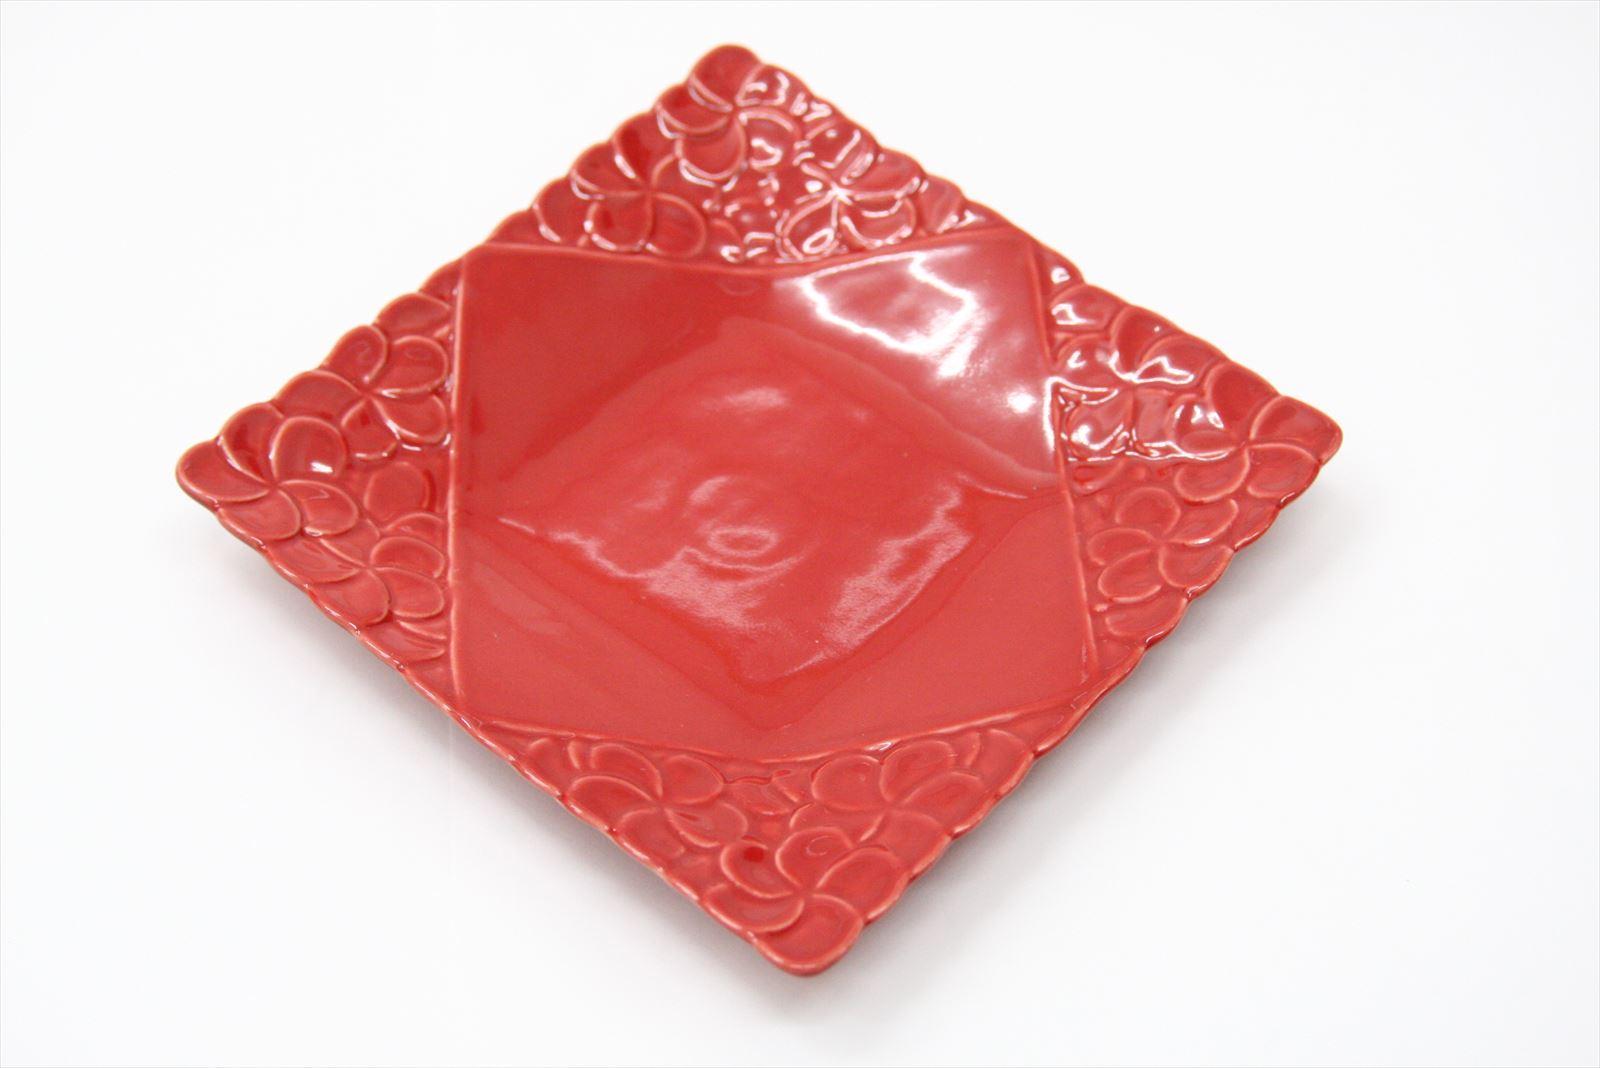 ◆フランジパニ角皿(四隅柄)レッド17.5角◆ (アジアン食器・洋食器・卓上テーブルアイテム・バリプレミアム)